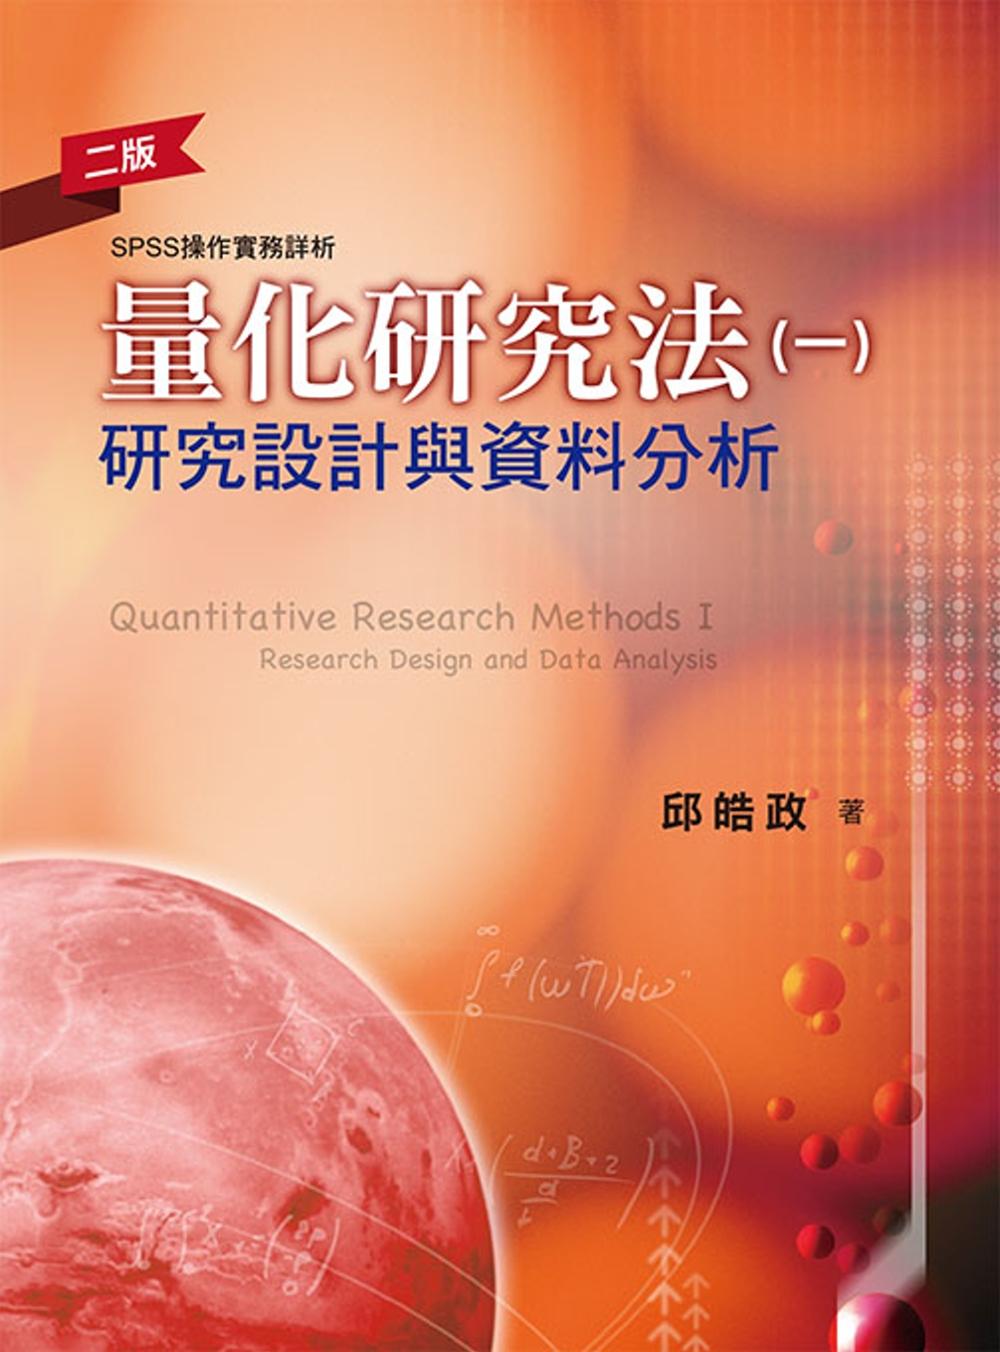 量化研究法(一):研究設計與資料分析(二版)